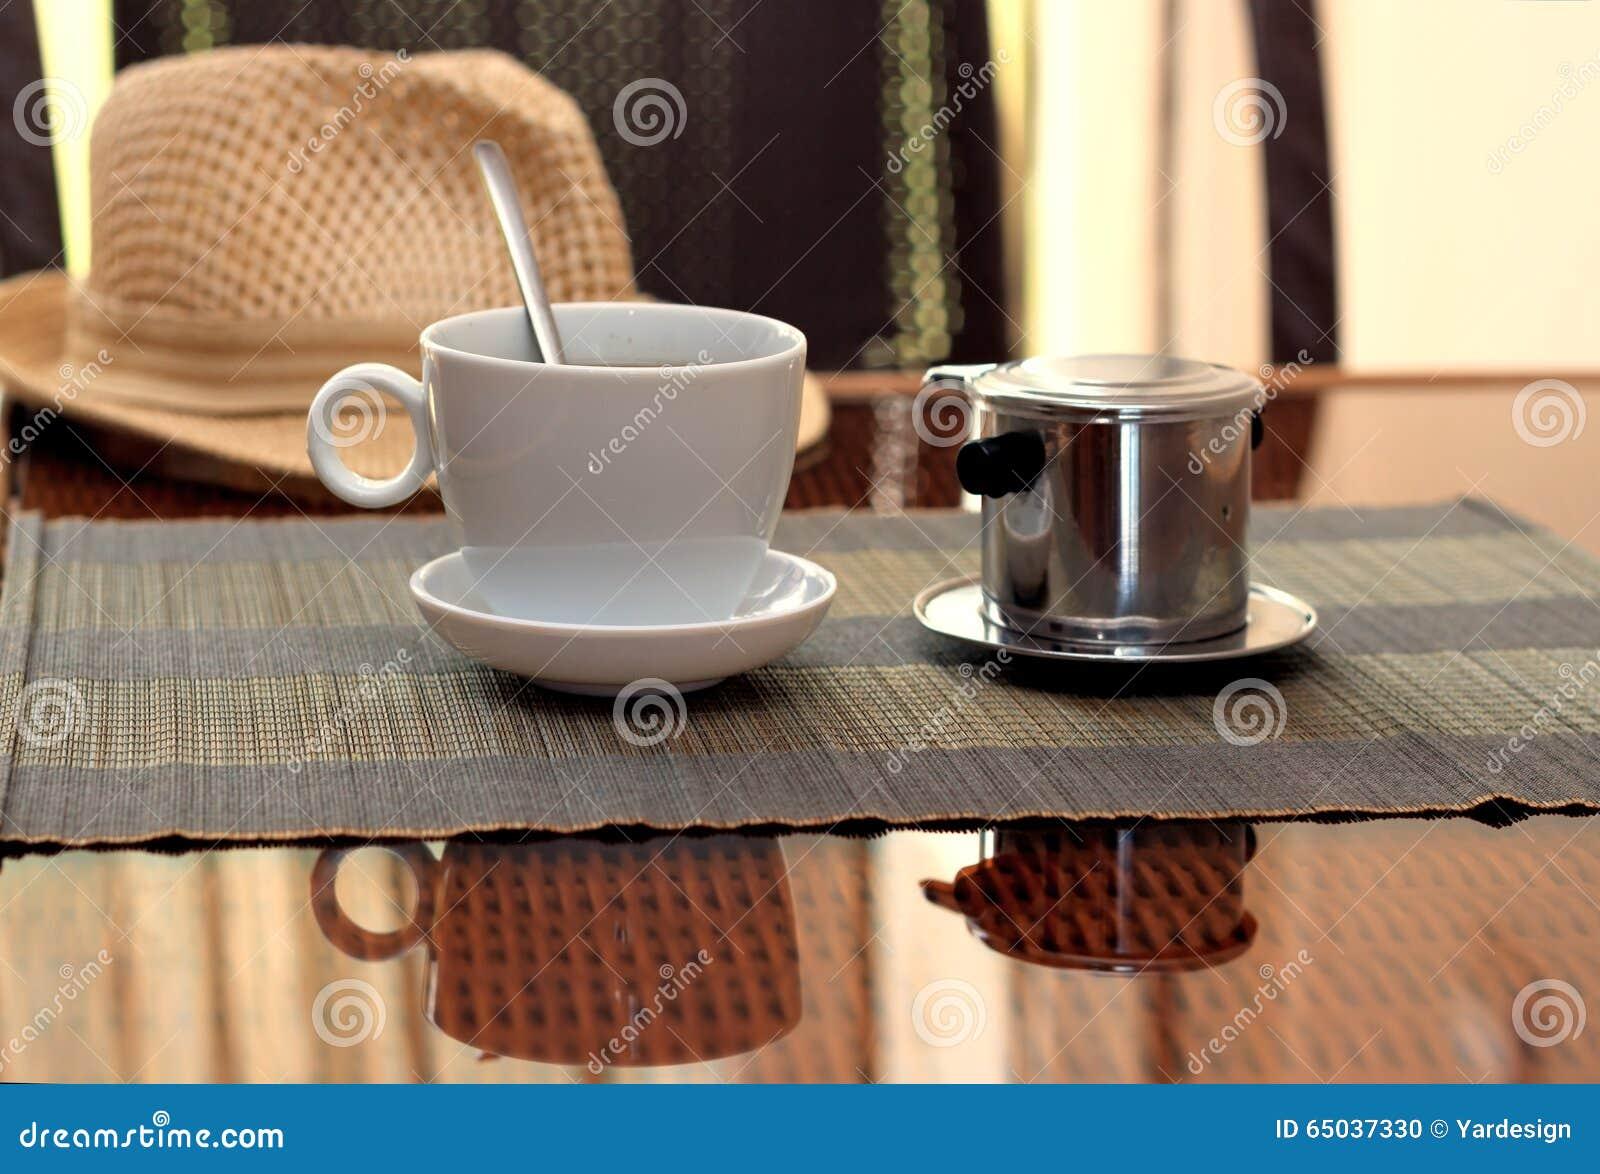 Morgenkaffee Diente Im Vietnamesischen Kaffeefilter Auf